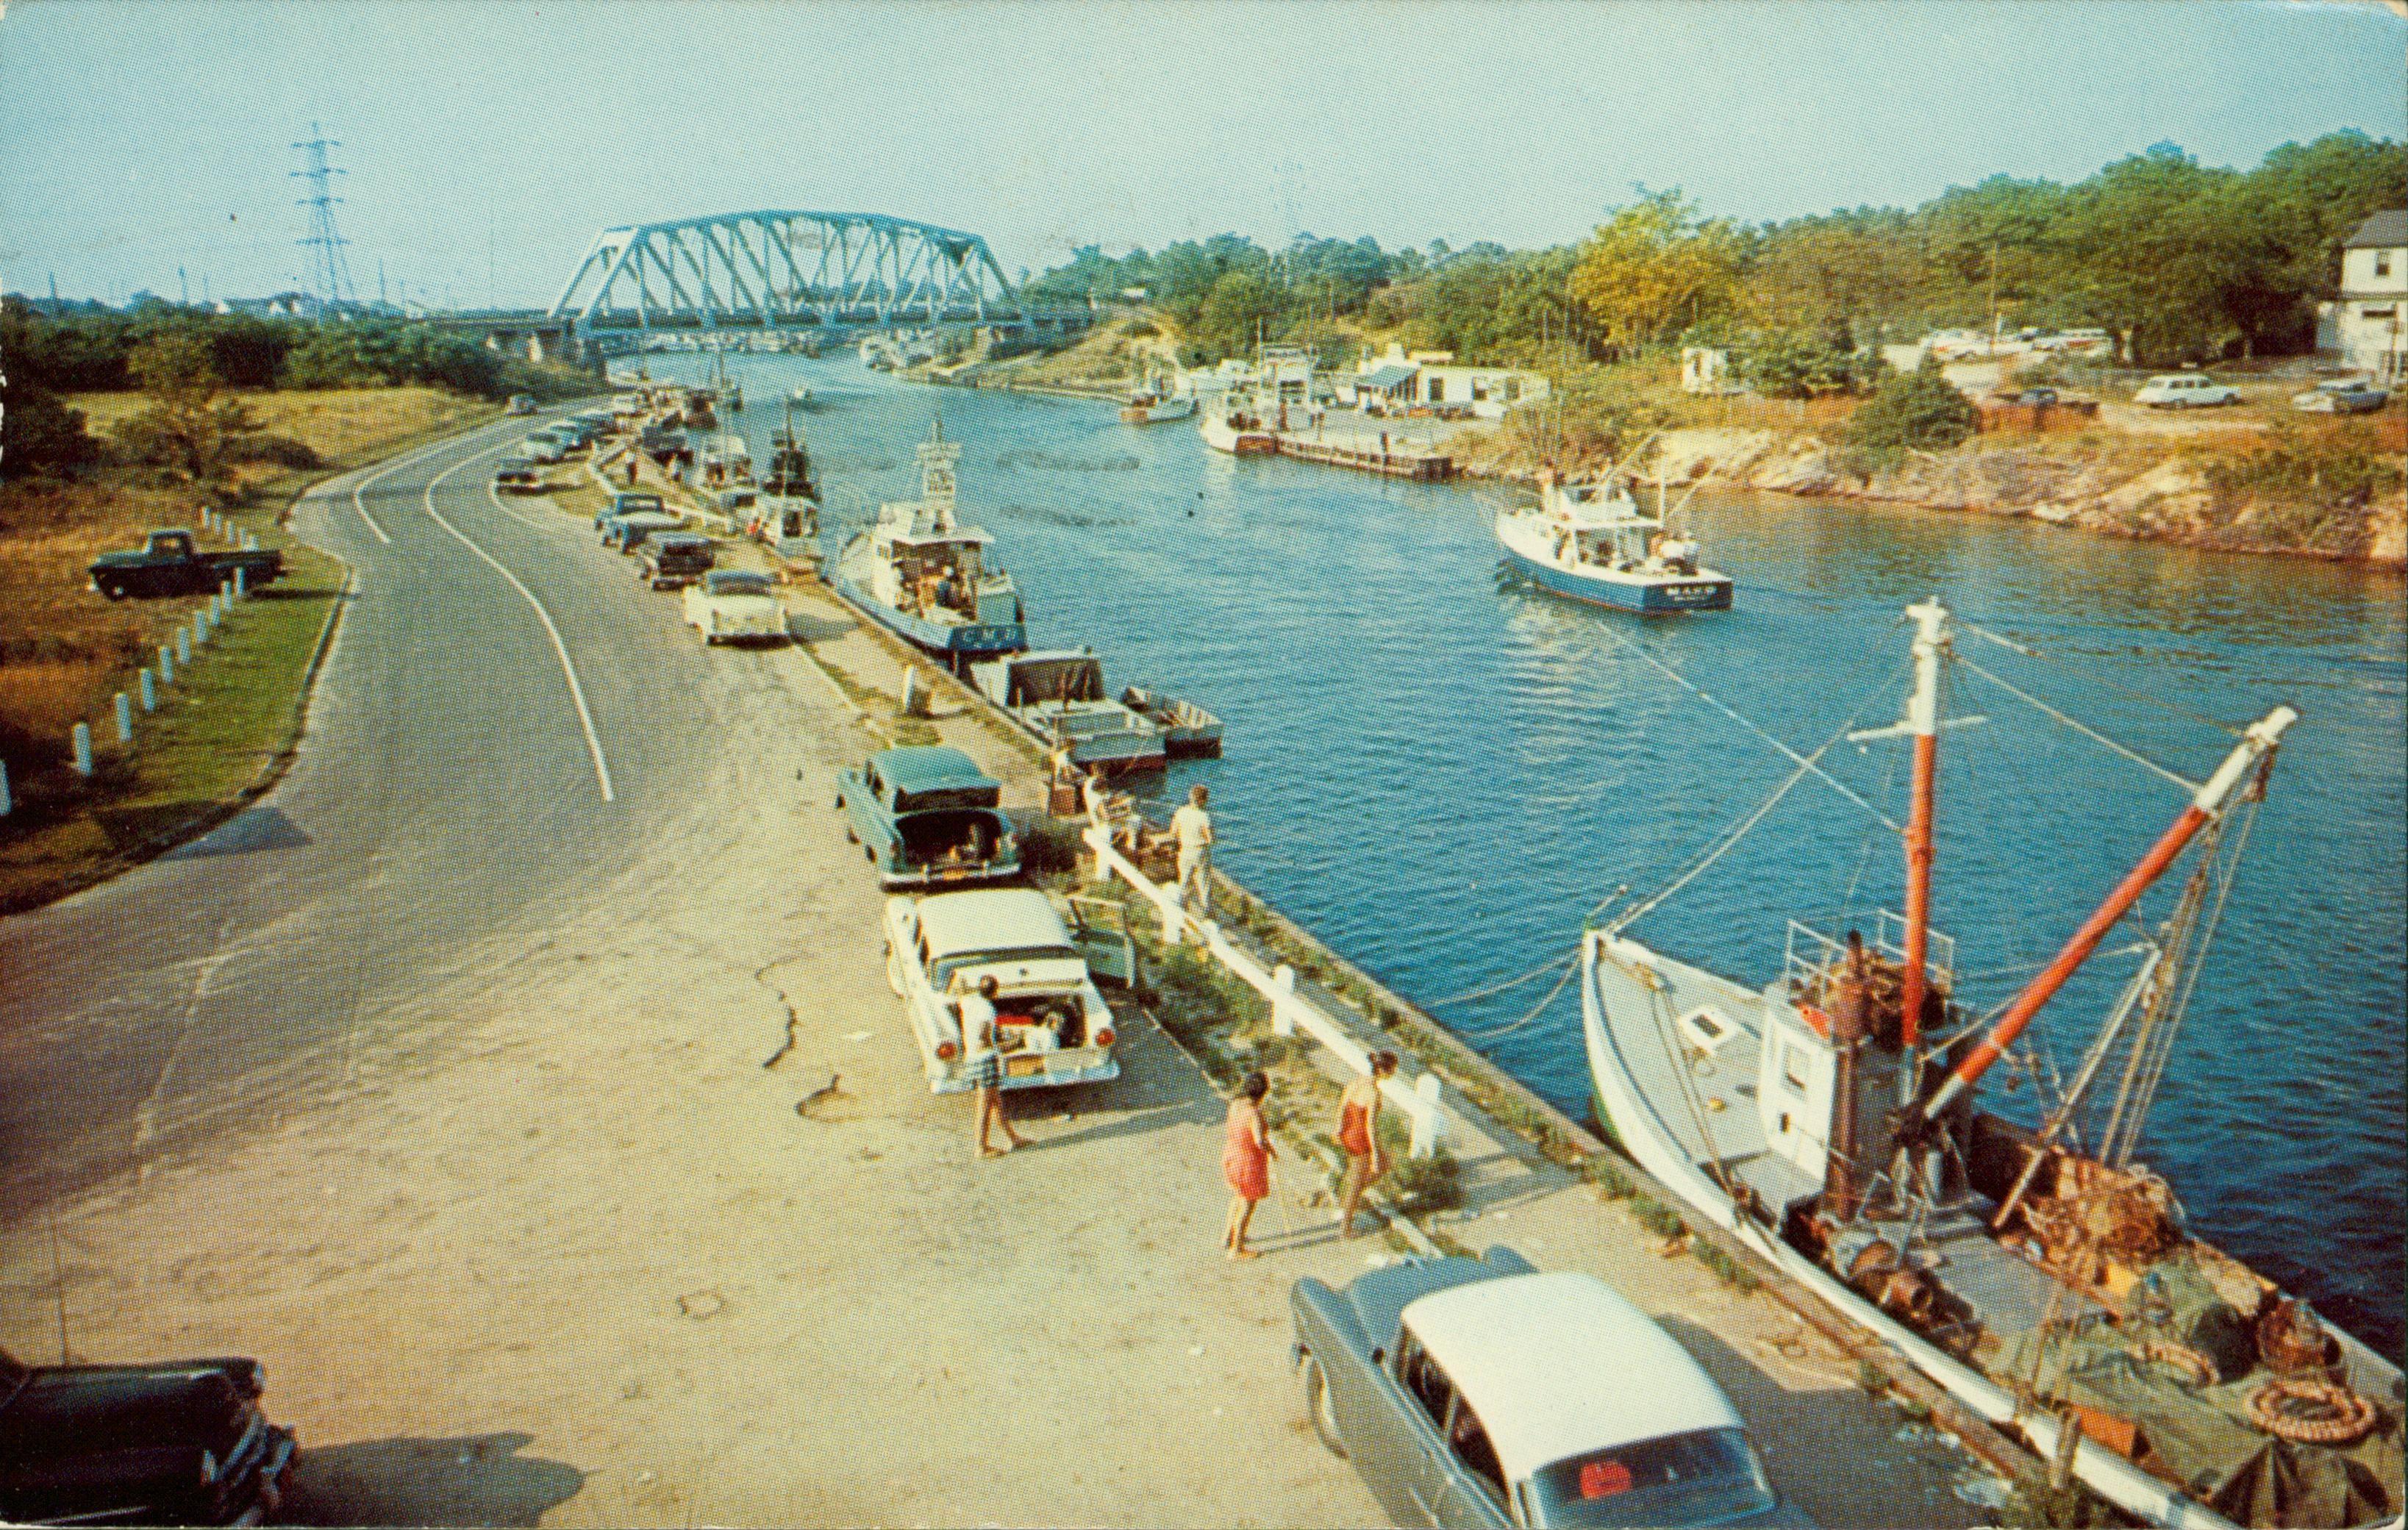 Shinnecock Canal Hampton Bays Ny Postcard Long Island Ny Long Island Sound Hampton Bays